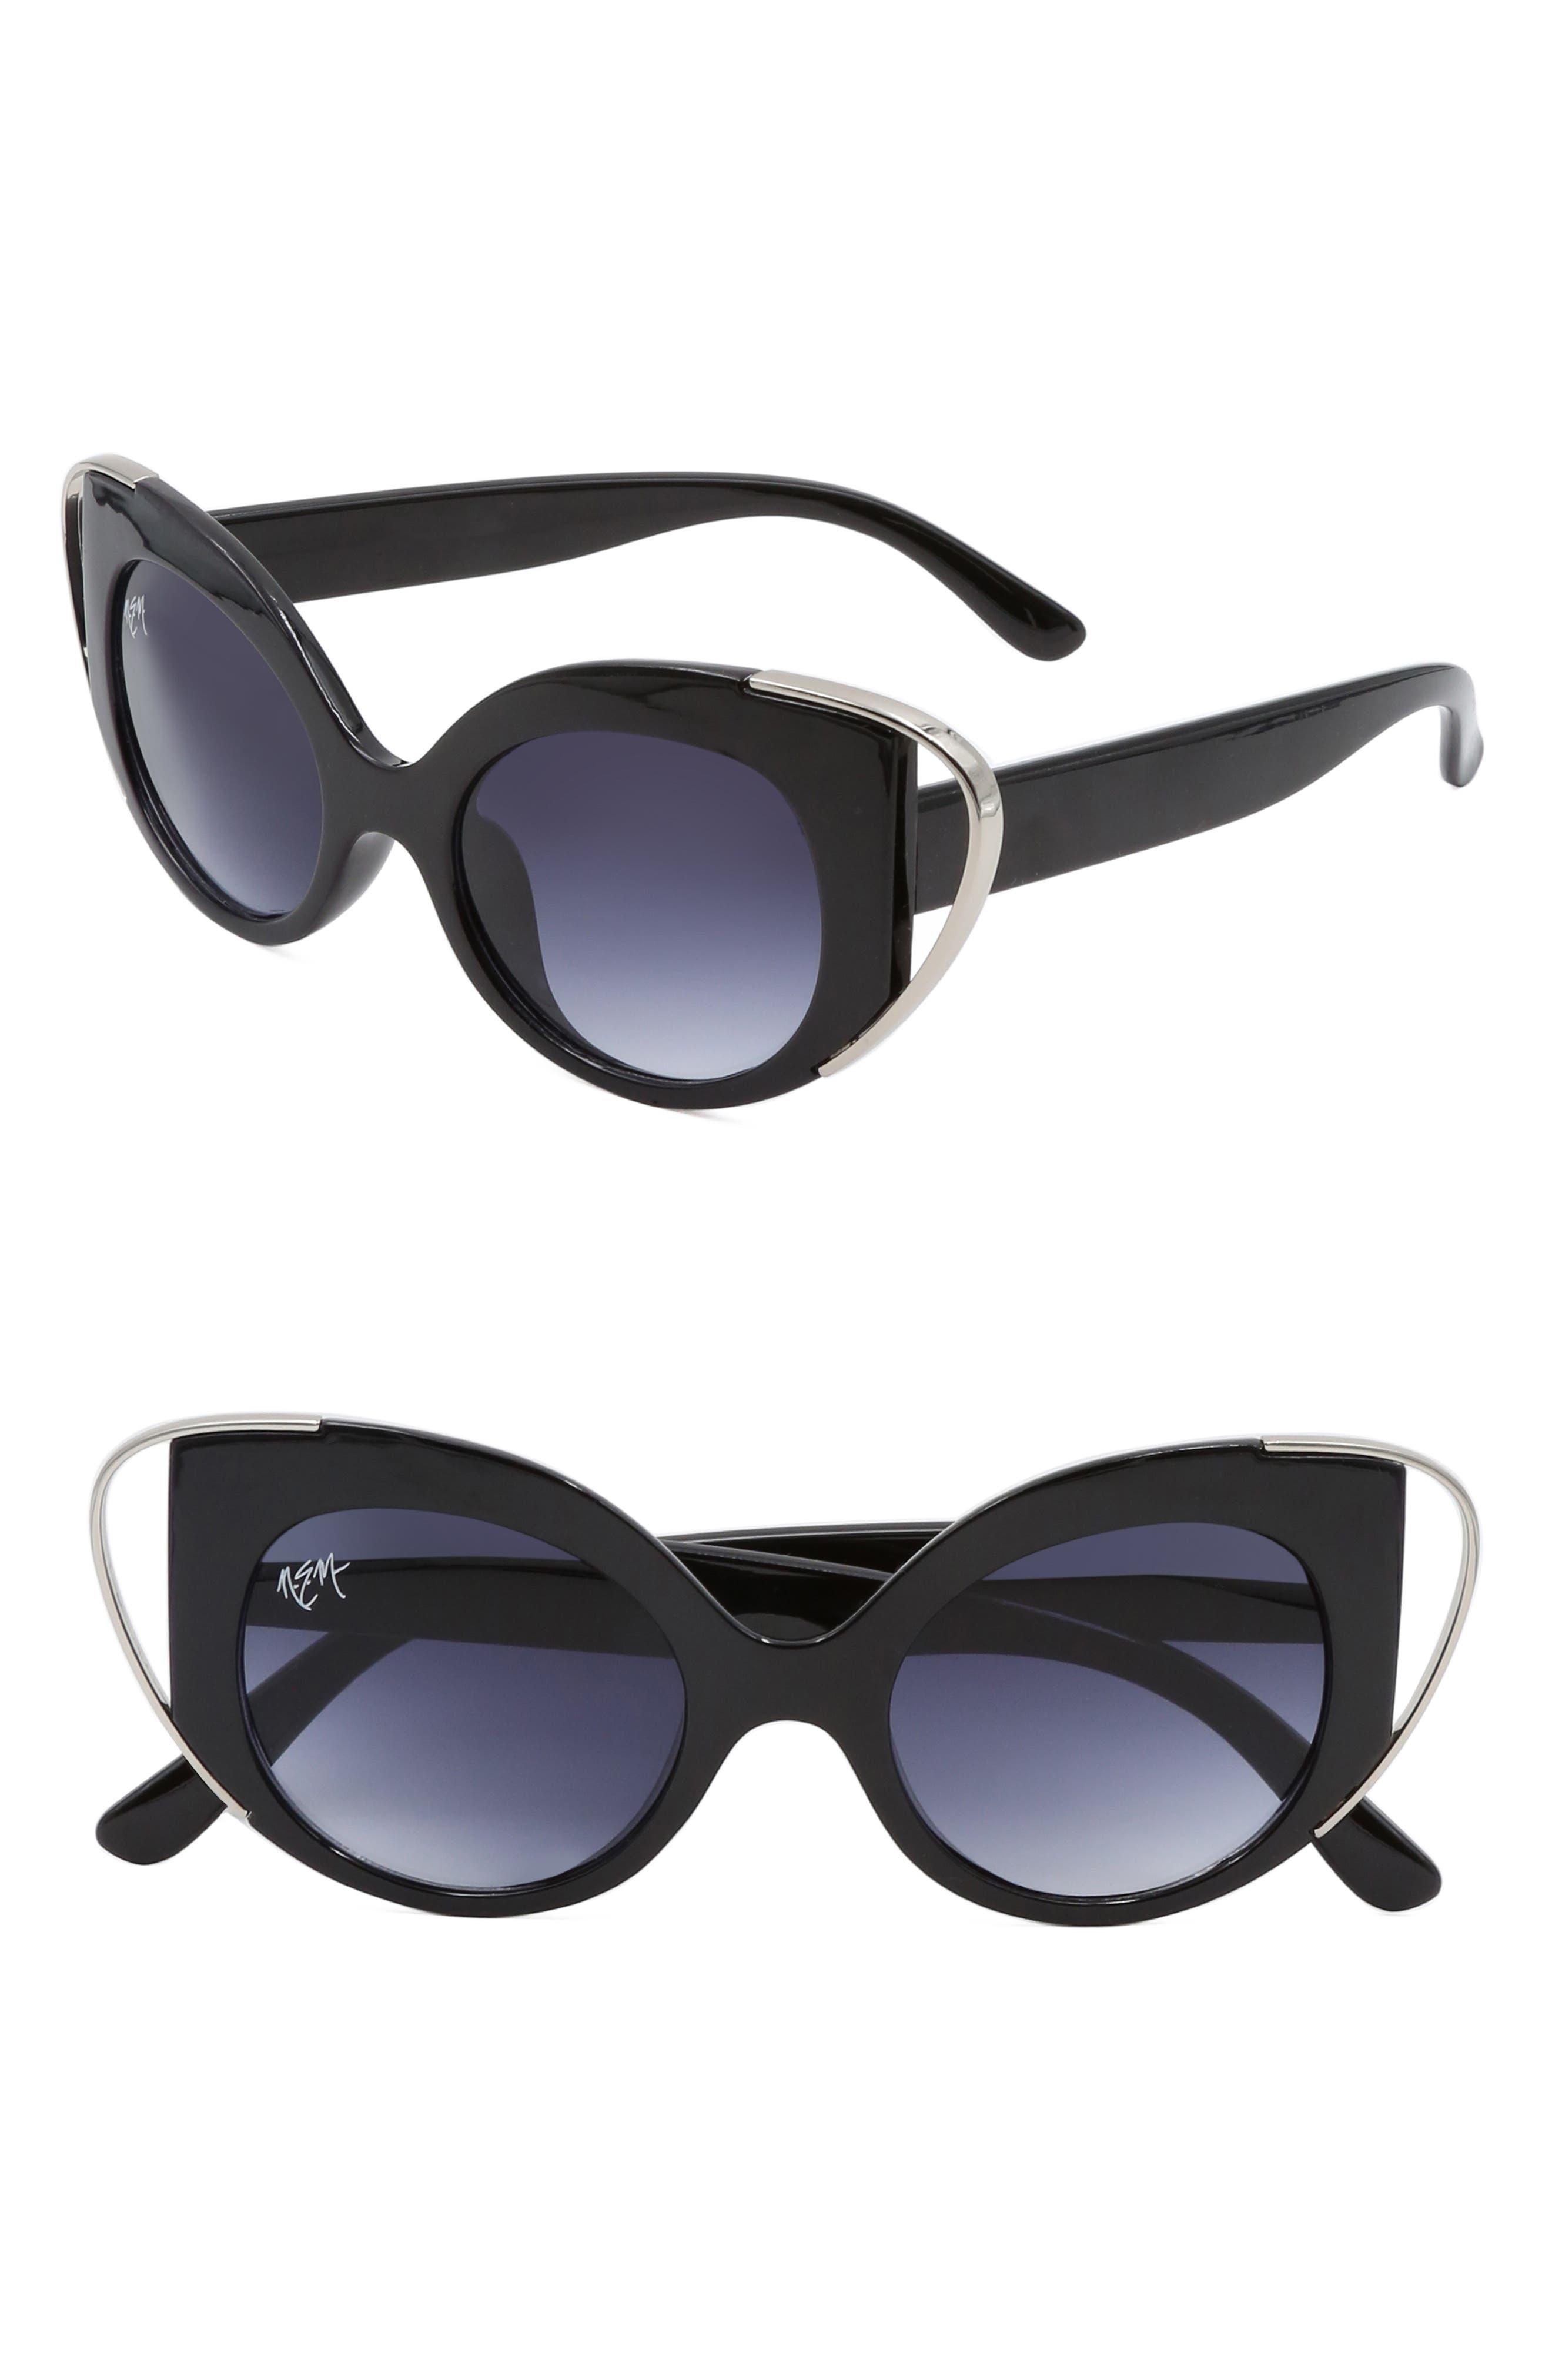 Nem Audrey 50Mm Cutout Cat Eye Sunglasses - Black W Grey Gradient Lens